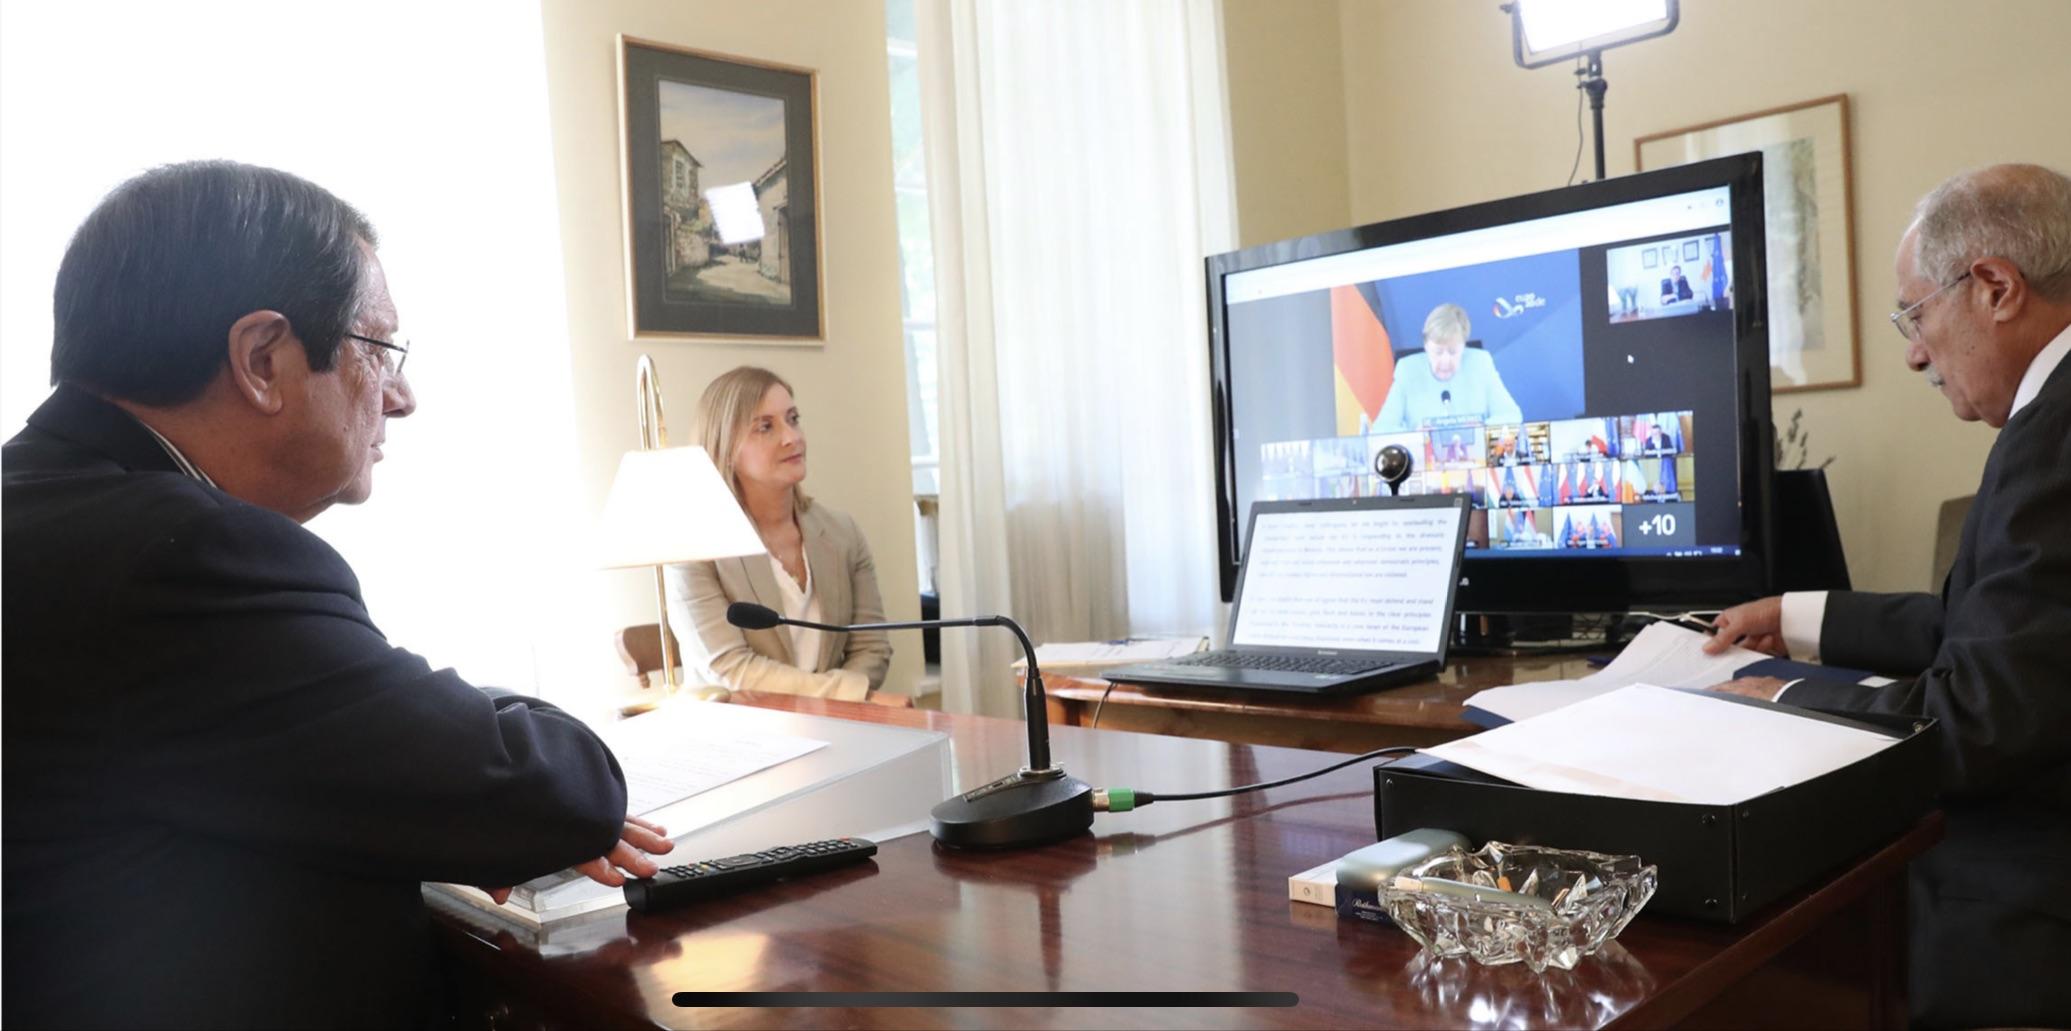 ΕΕ: Παρεμβάσεις για την Τουρκία πραγματοποίησαν Αναστασιάδης Μητσοτάκης στην Έκτακτη Σύνοδο του ΕΣ